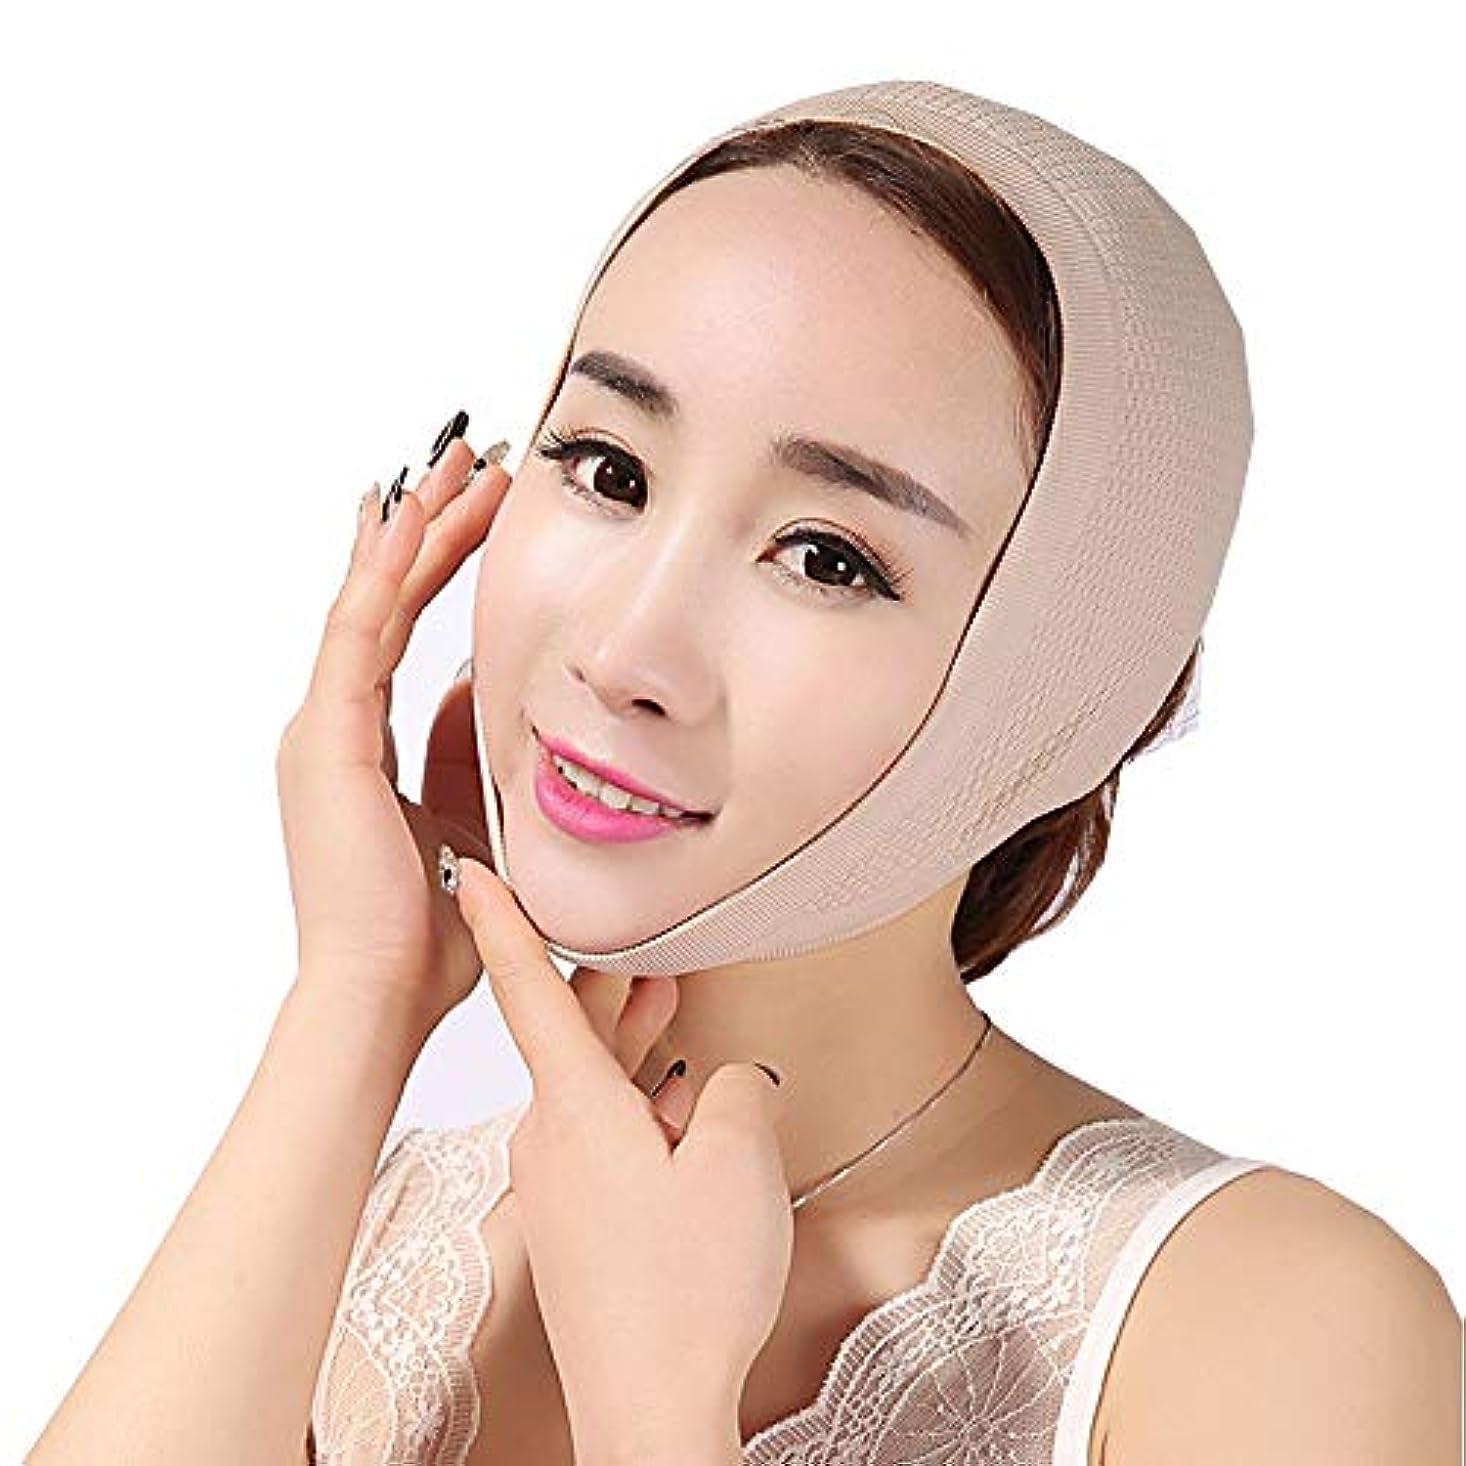 上向き広告主矩形Jia Jia- フェイスマスクで眠る薄い顔フェイスリフトフェイスリフトアーティファクトスモールフェイスVフェイスリフト付きフェイスフェイス包帯引き上げジョーセット 顔面包帯